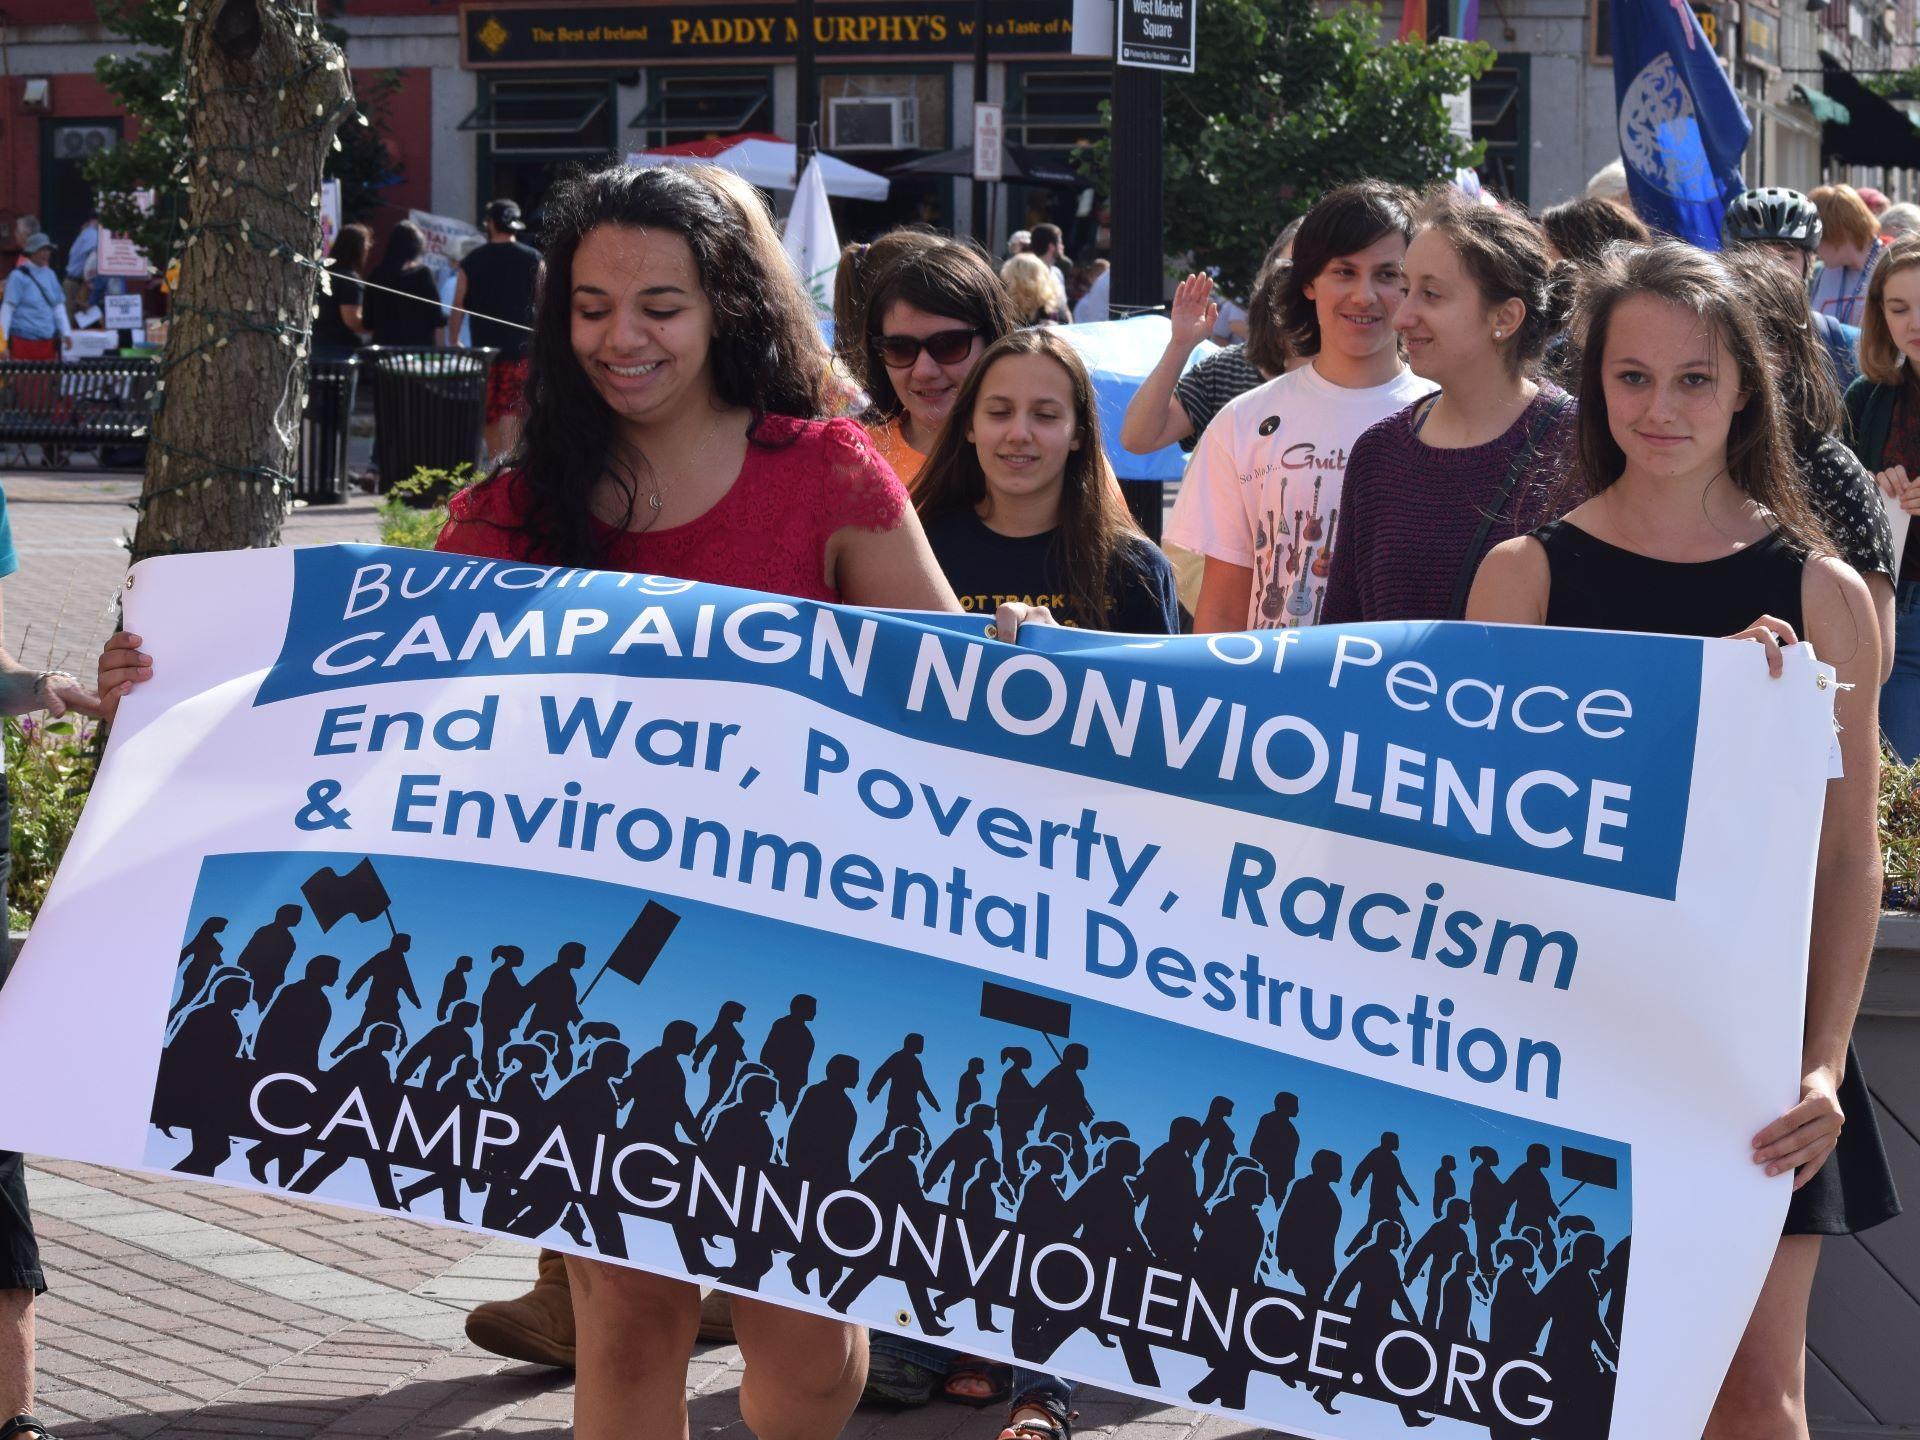 Campaign for nonviolence2